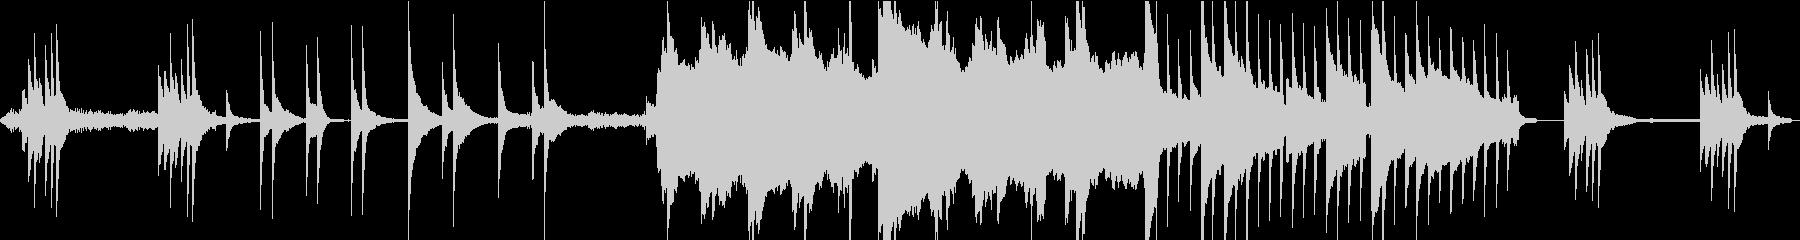 ダークファンタジーな雰囲気のBGM-Lの未再生の波形